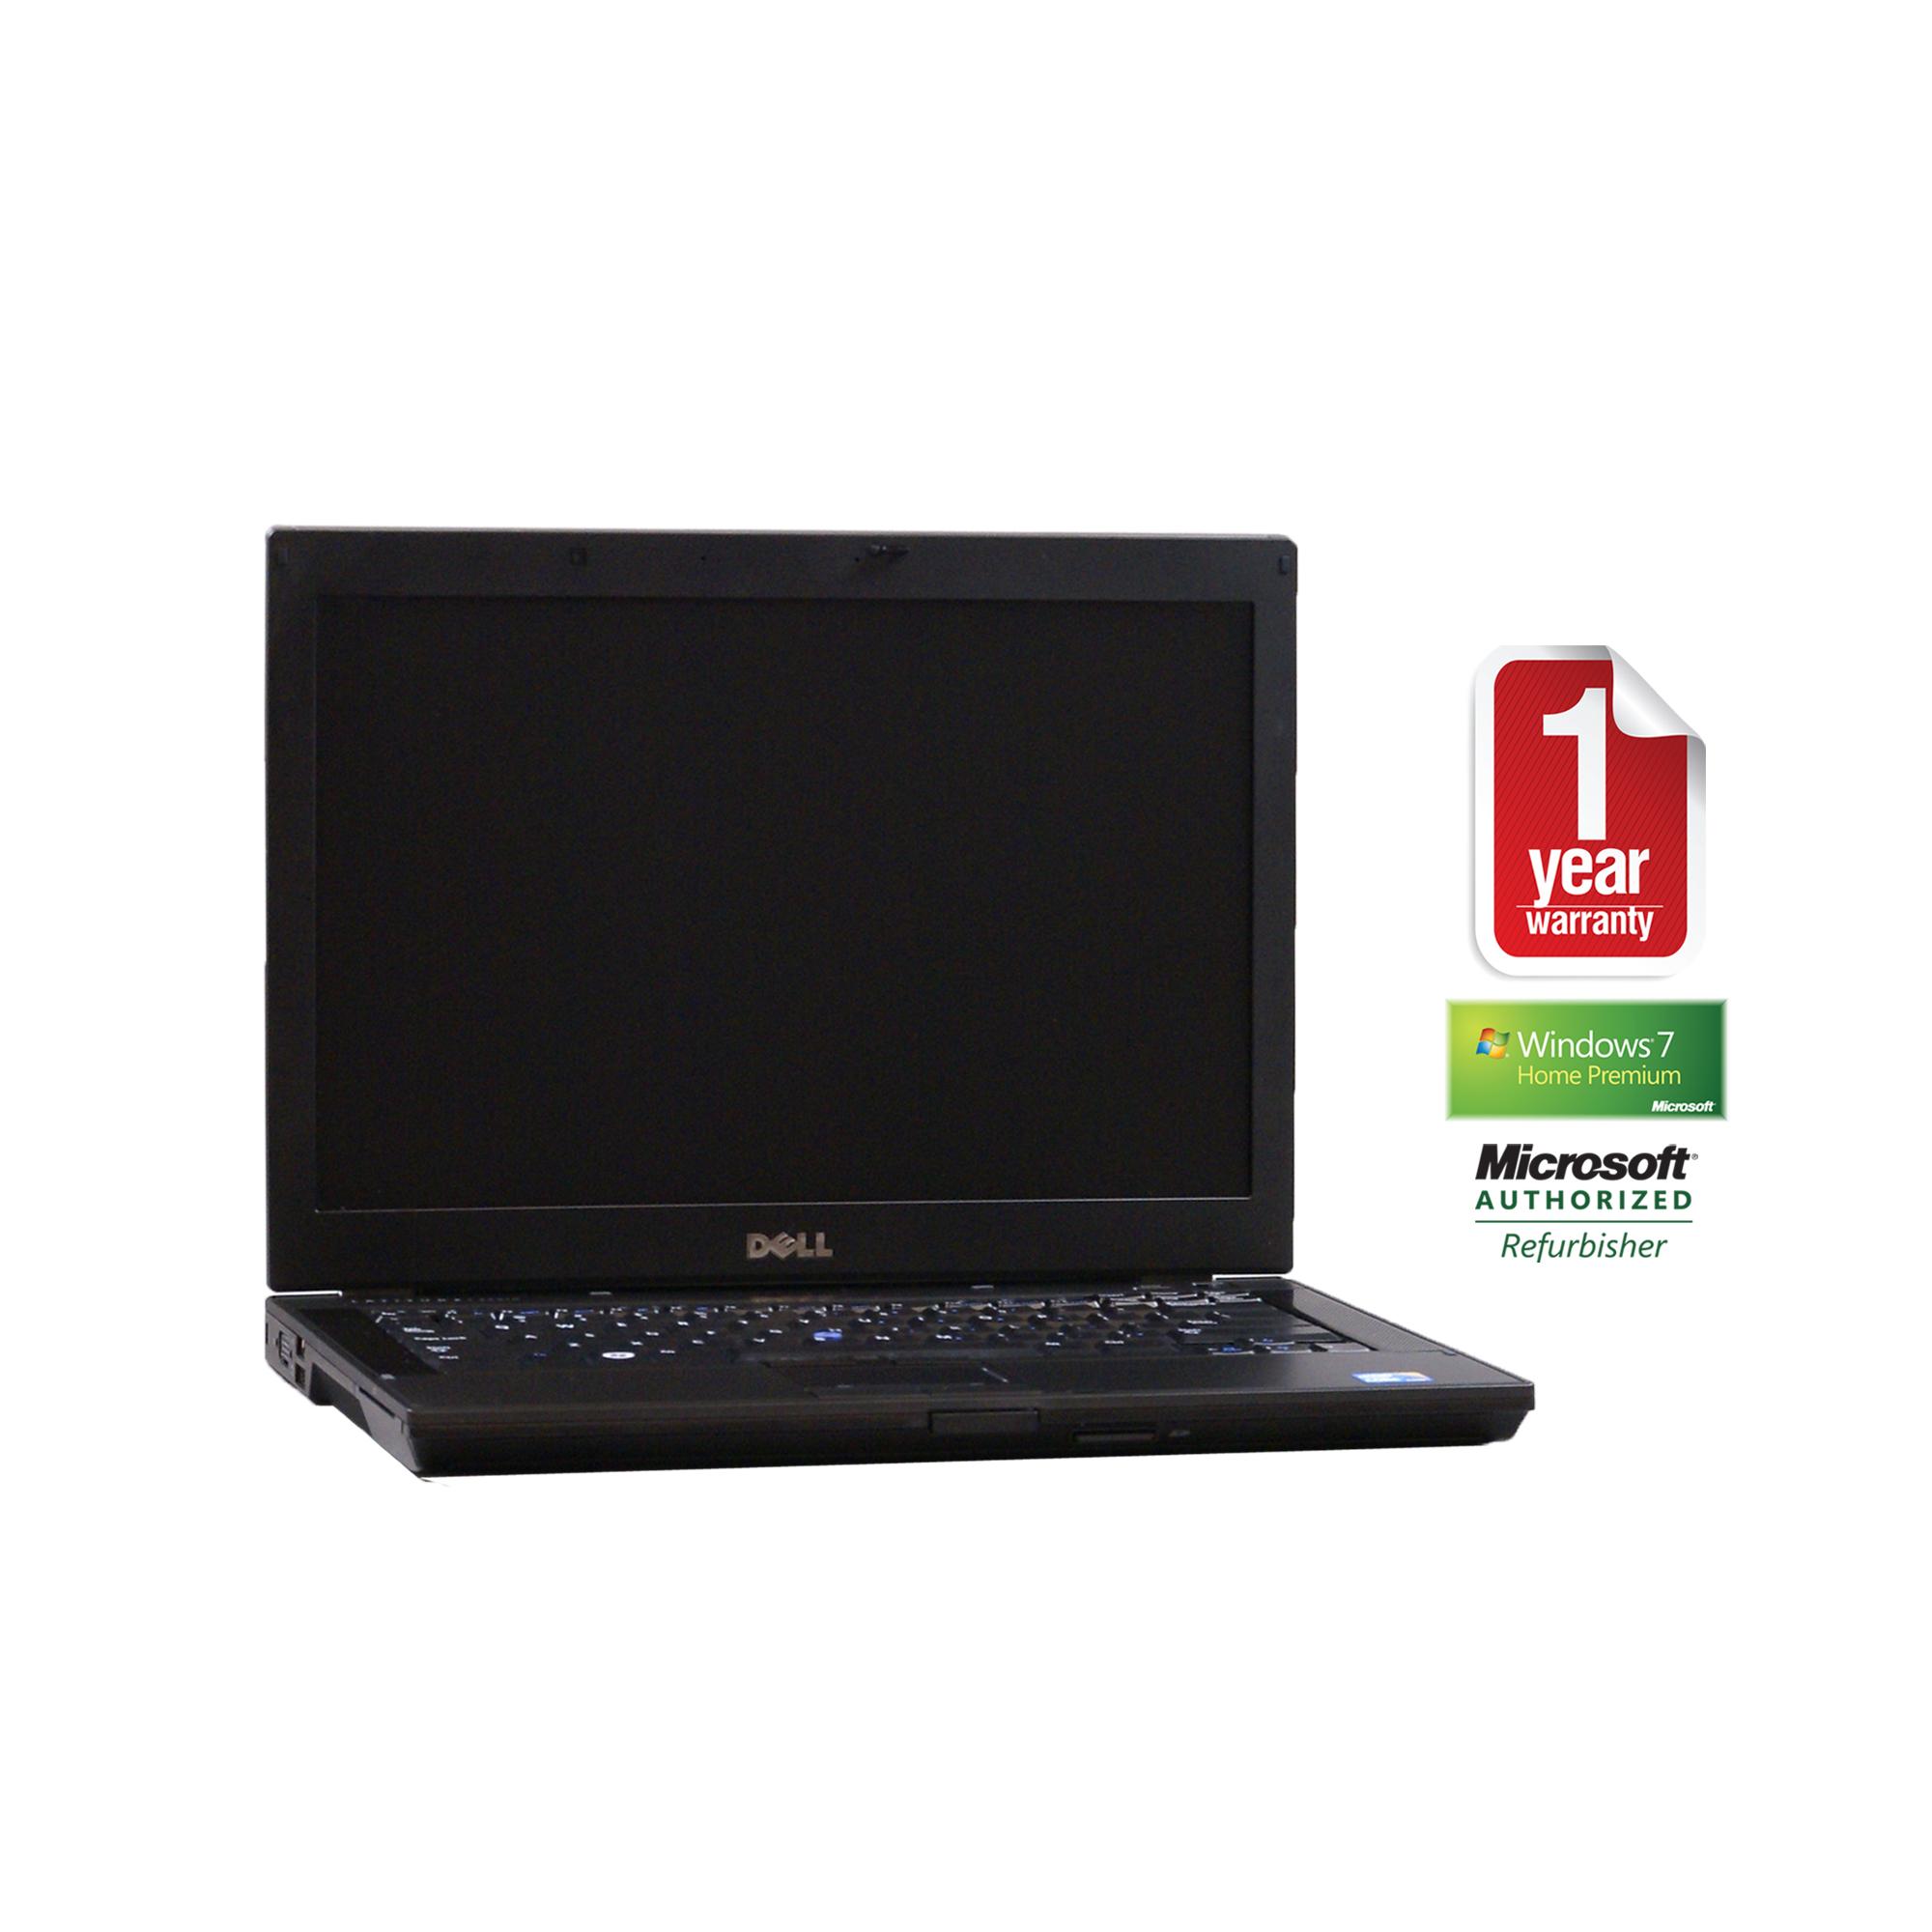 Dell E6410 refurbished laptop PC I5-2.66/3072/160/DVDRW/14